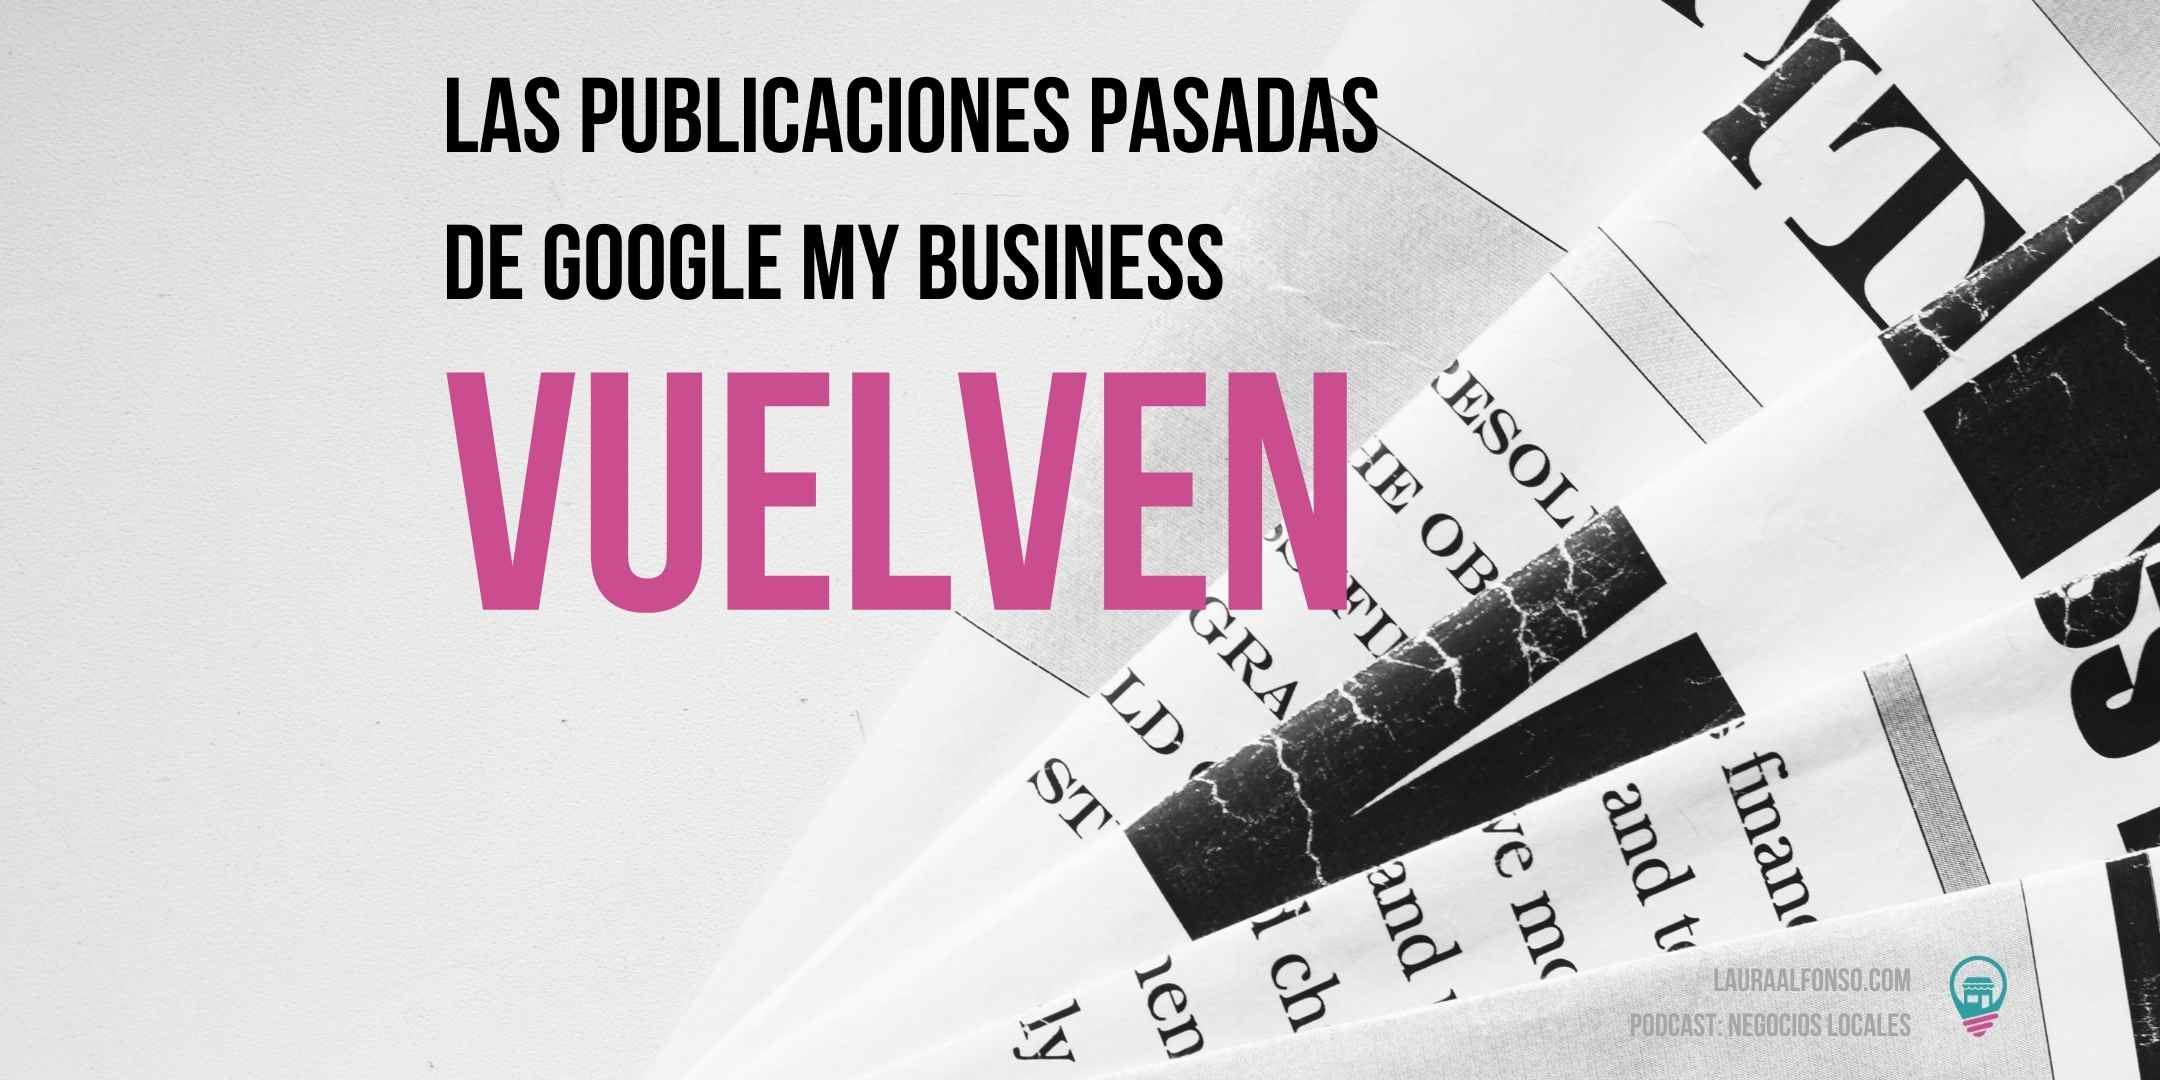 Las publicaciones antiuguas de Google My Business reaparecen